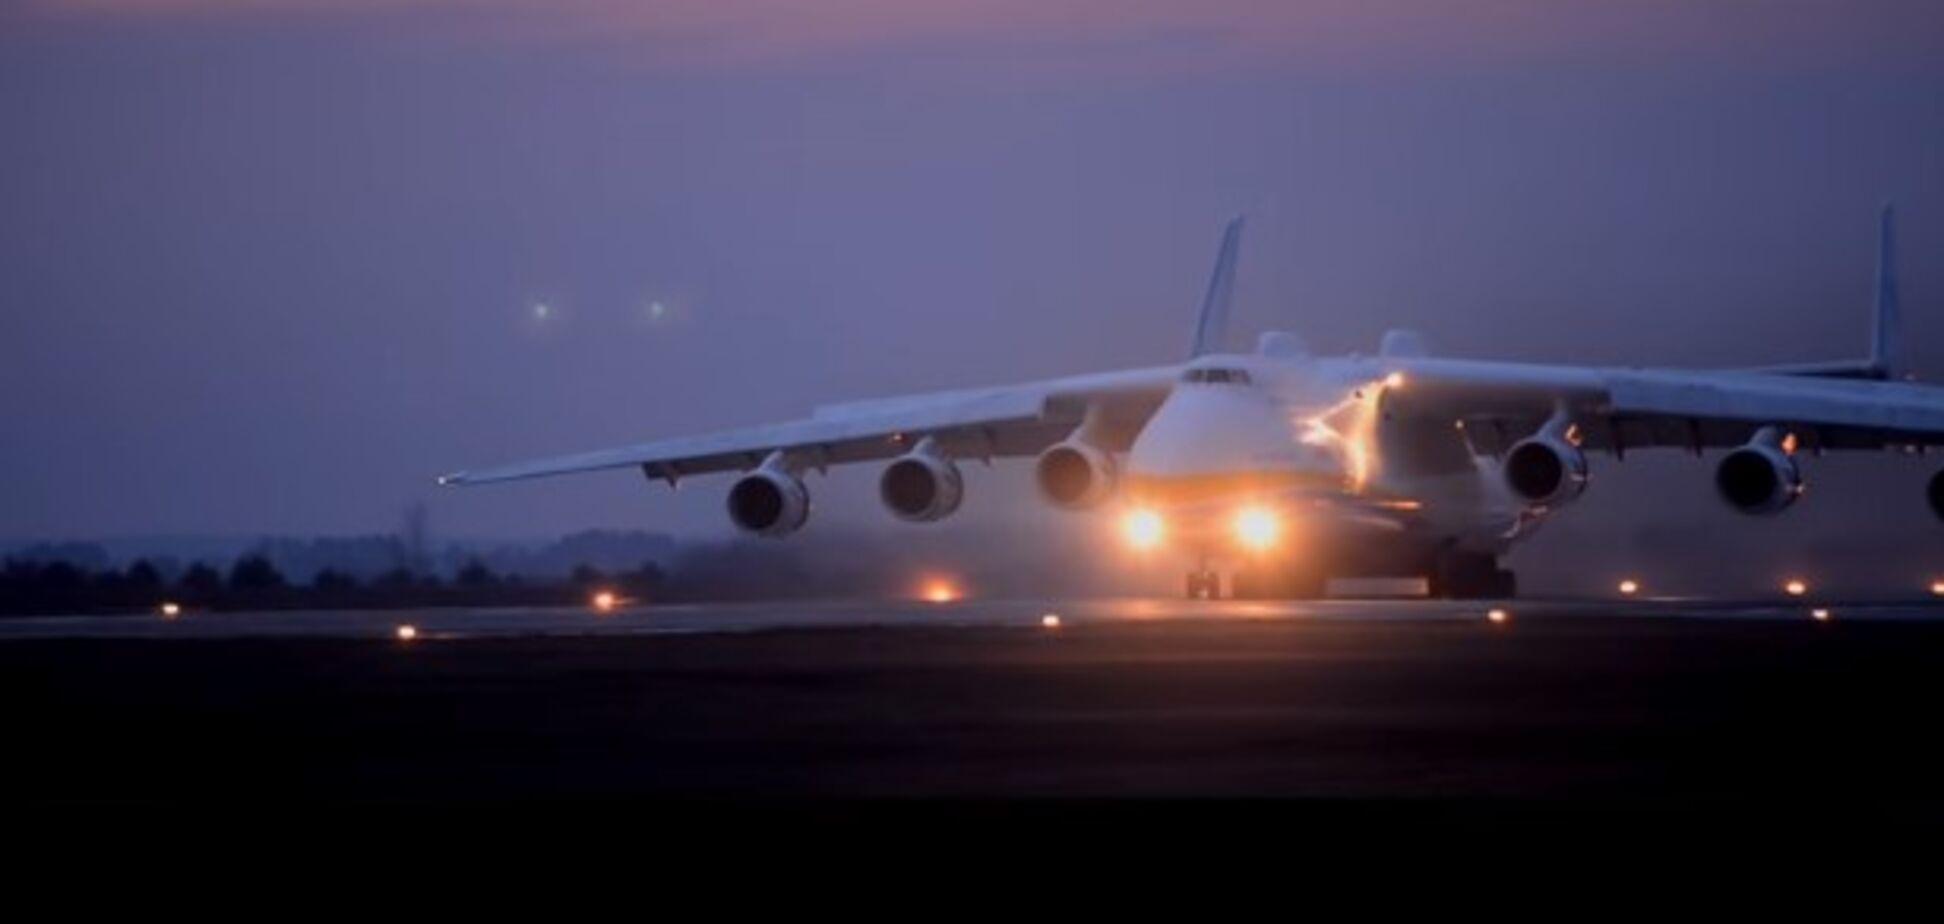 Легендарный самолет-гигант ''Мрія'' подняли в небо для борьбы с коронавирусом. Видео